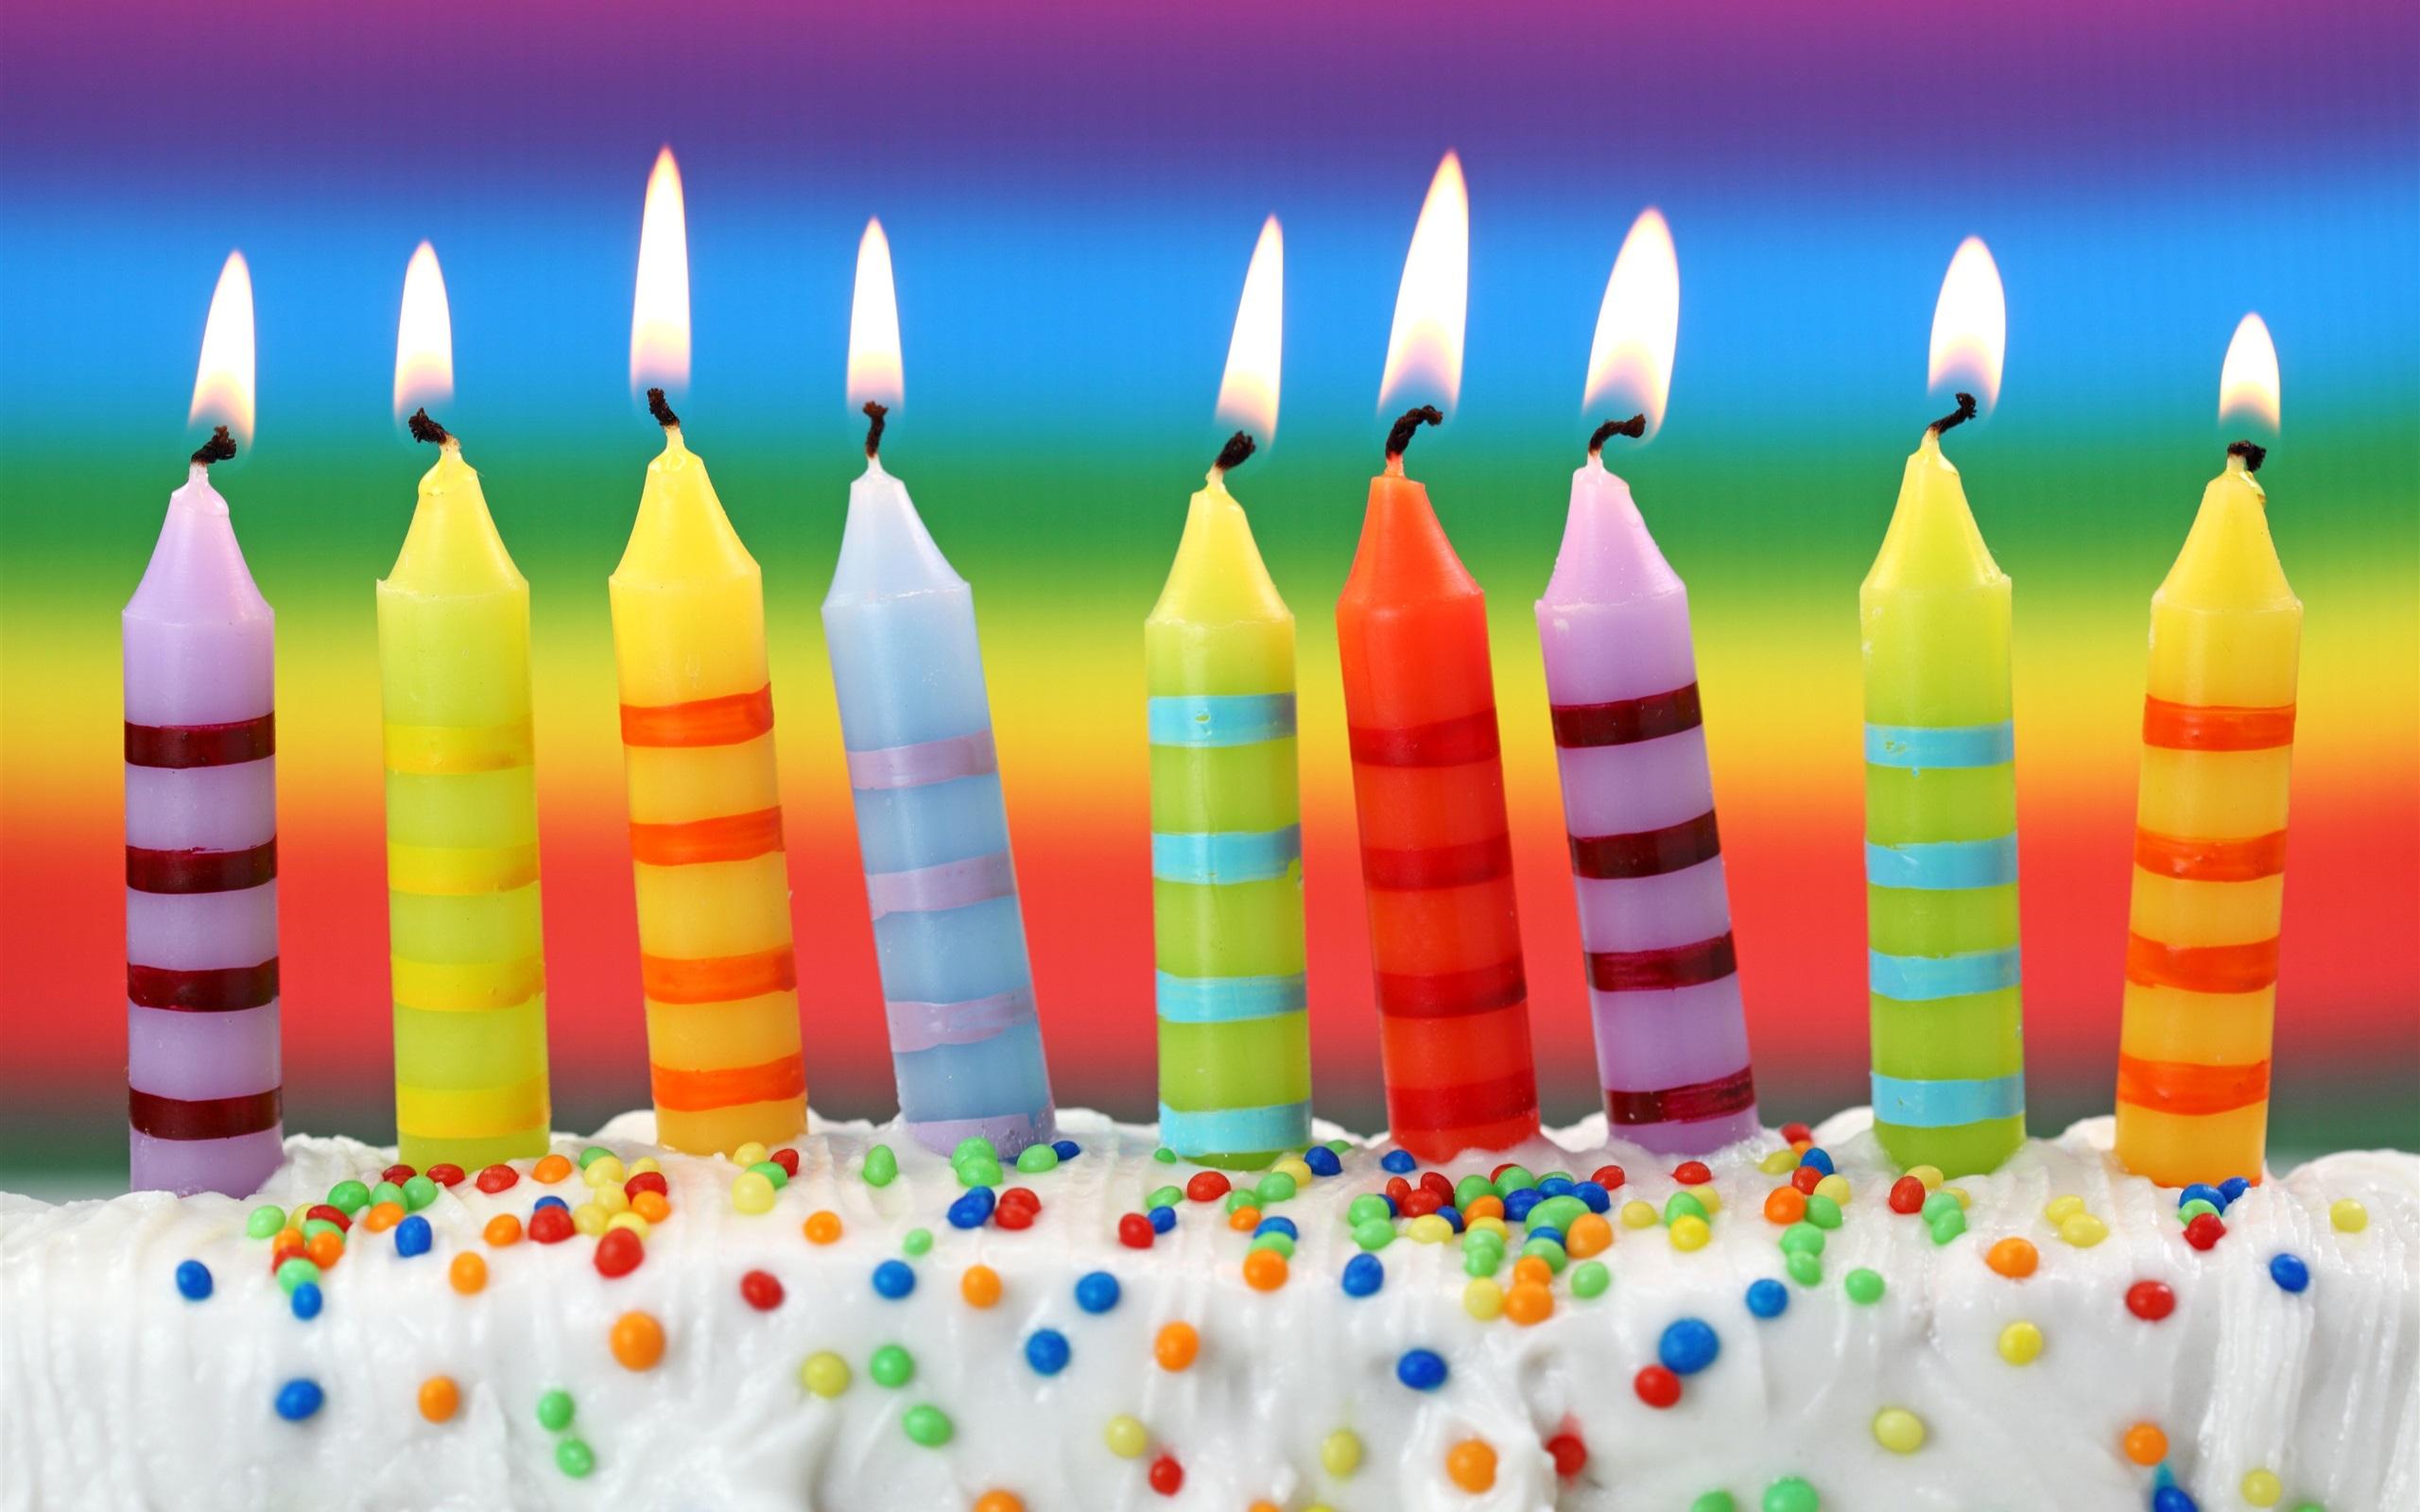 Feliz cumpleaños, torta dulce, velas de colores, fuego Fondos de ...